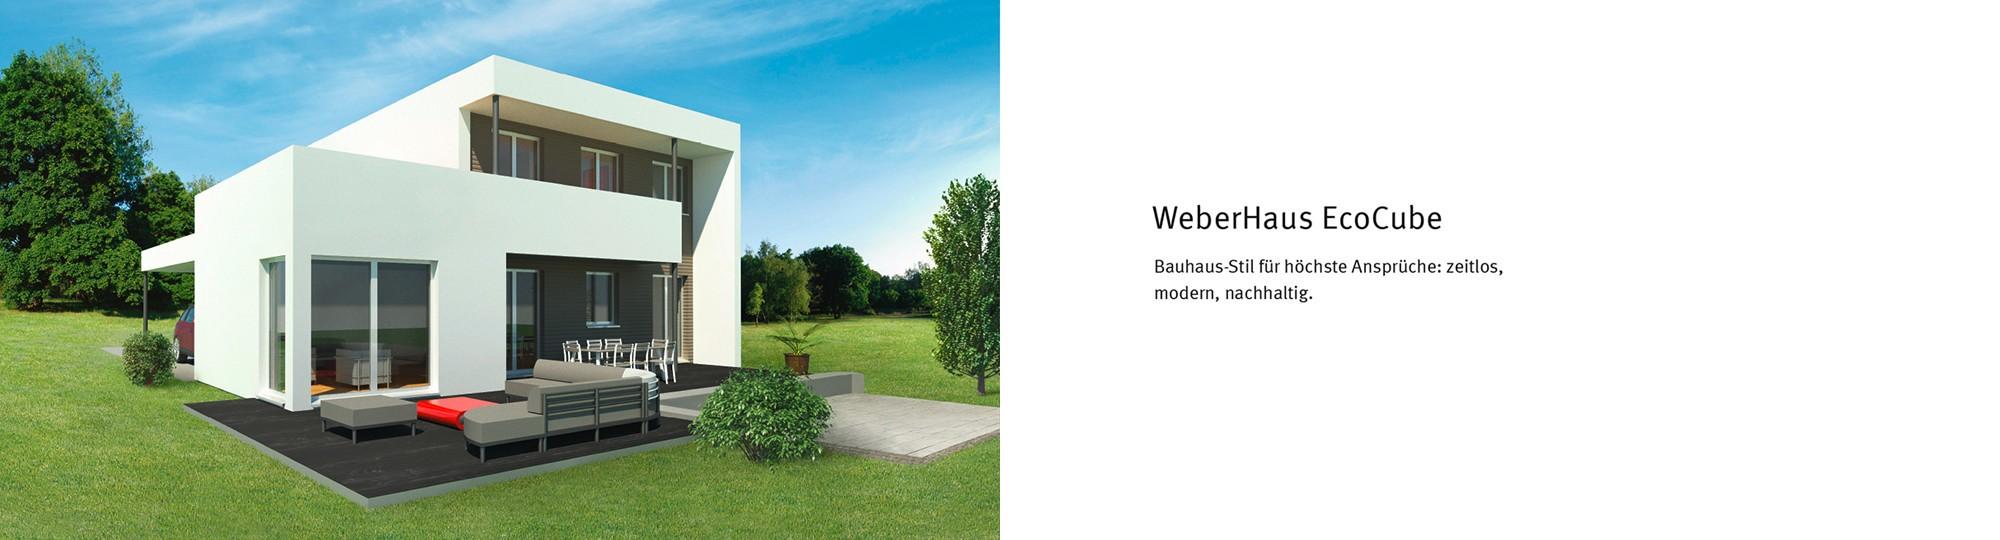 WeberHaus EcoCube